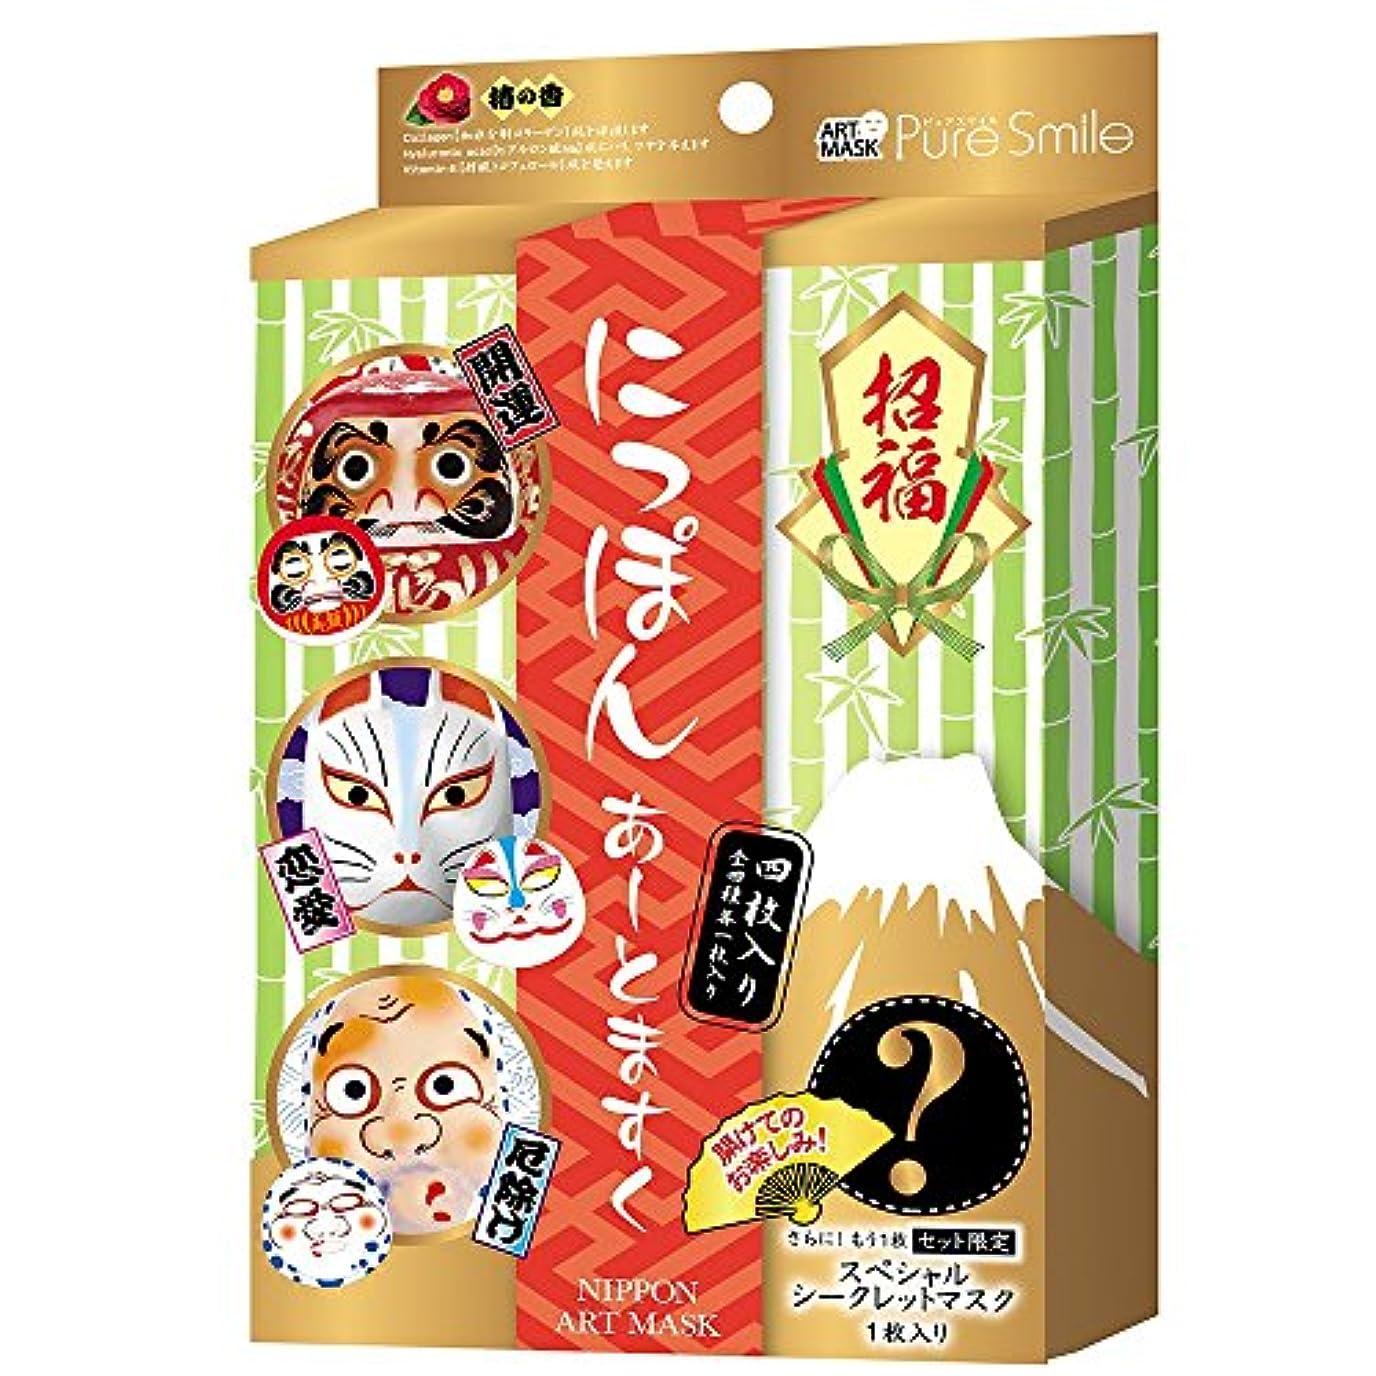 耳ぬるいベアリングサークルピュアスマイル 招福にっぽんアートマスク お得なセットBOX(全4種類各1枚入り)